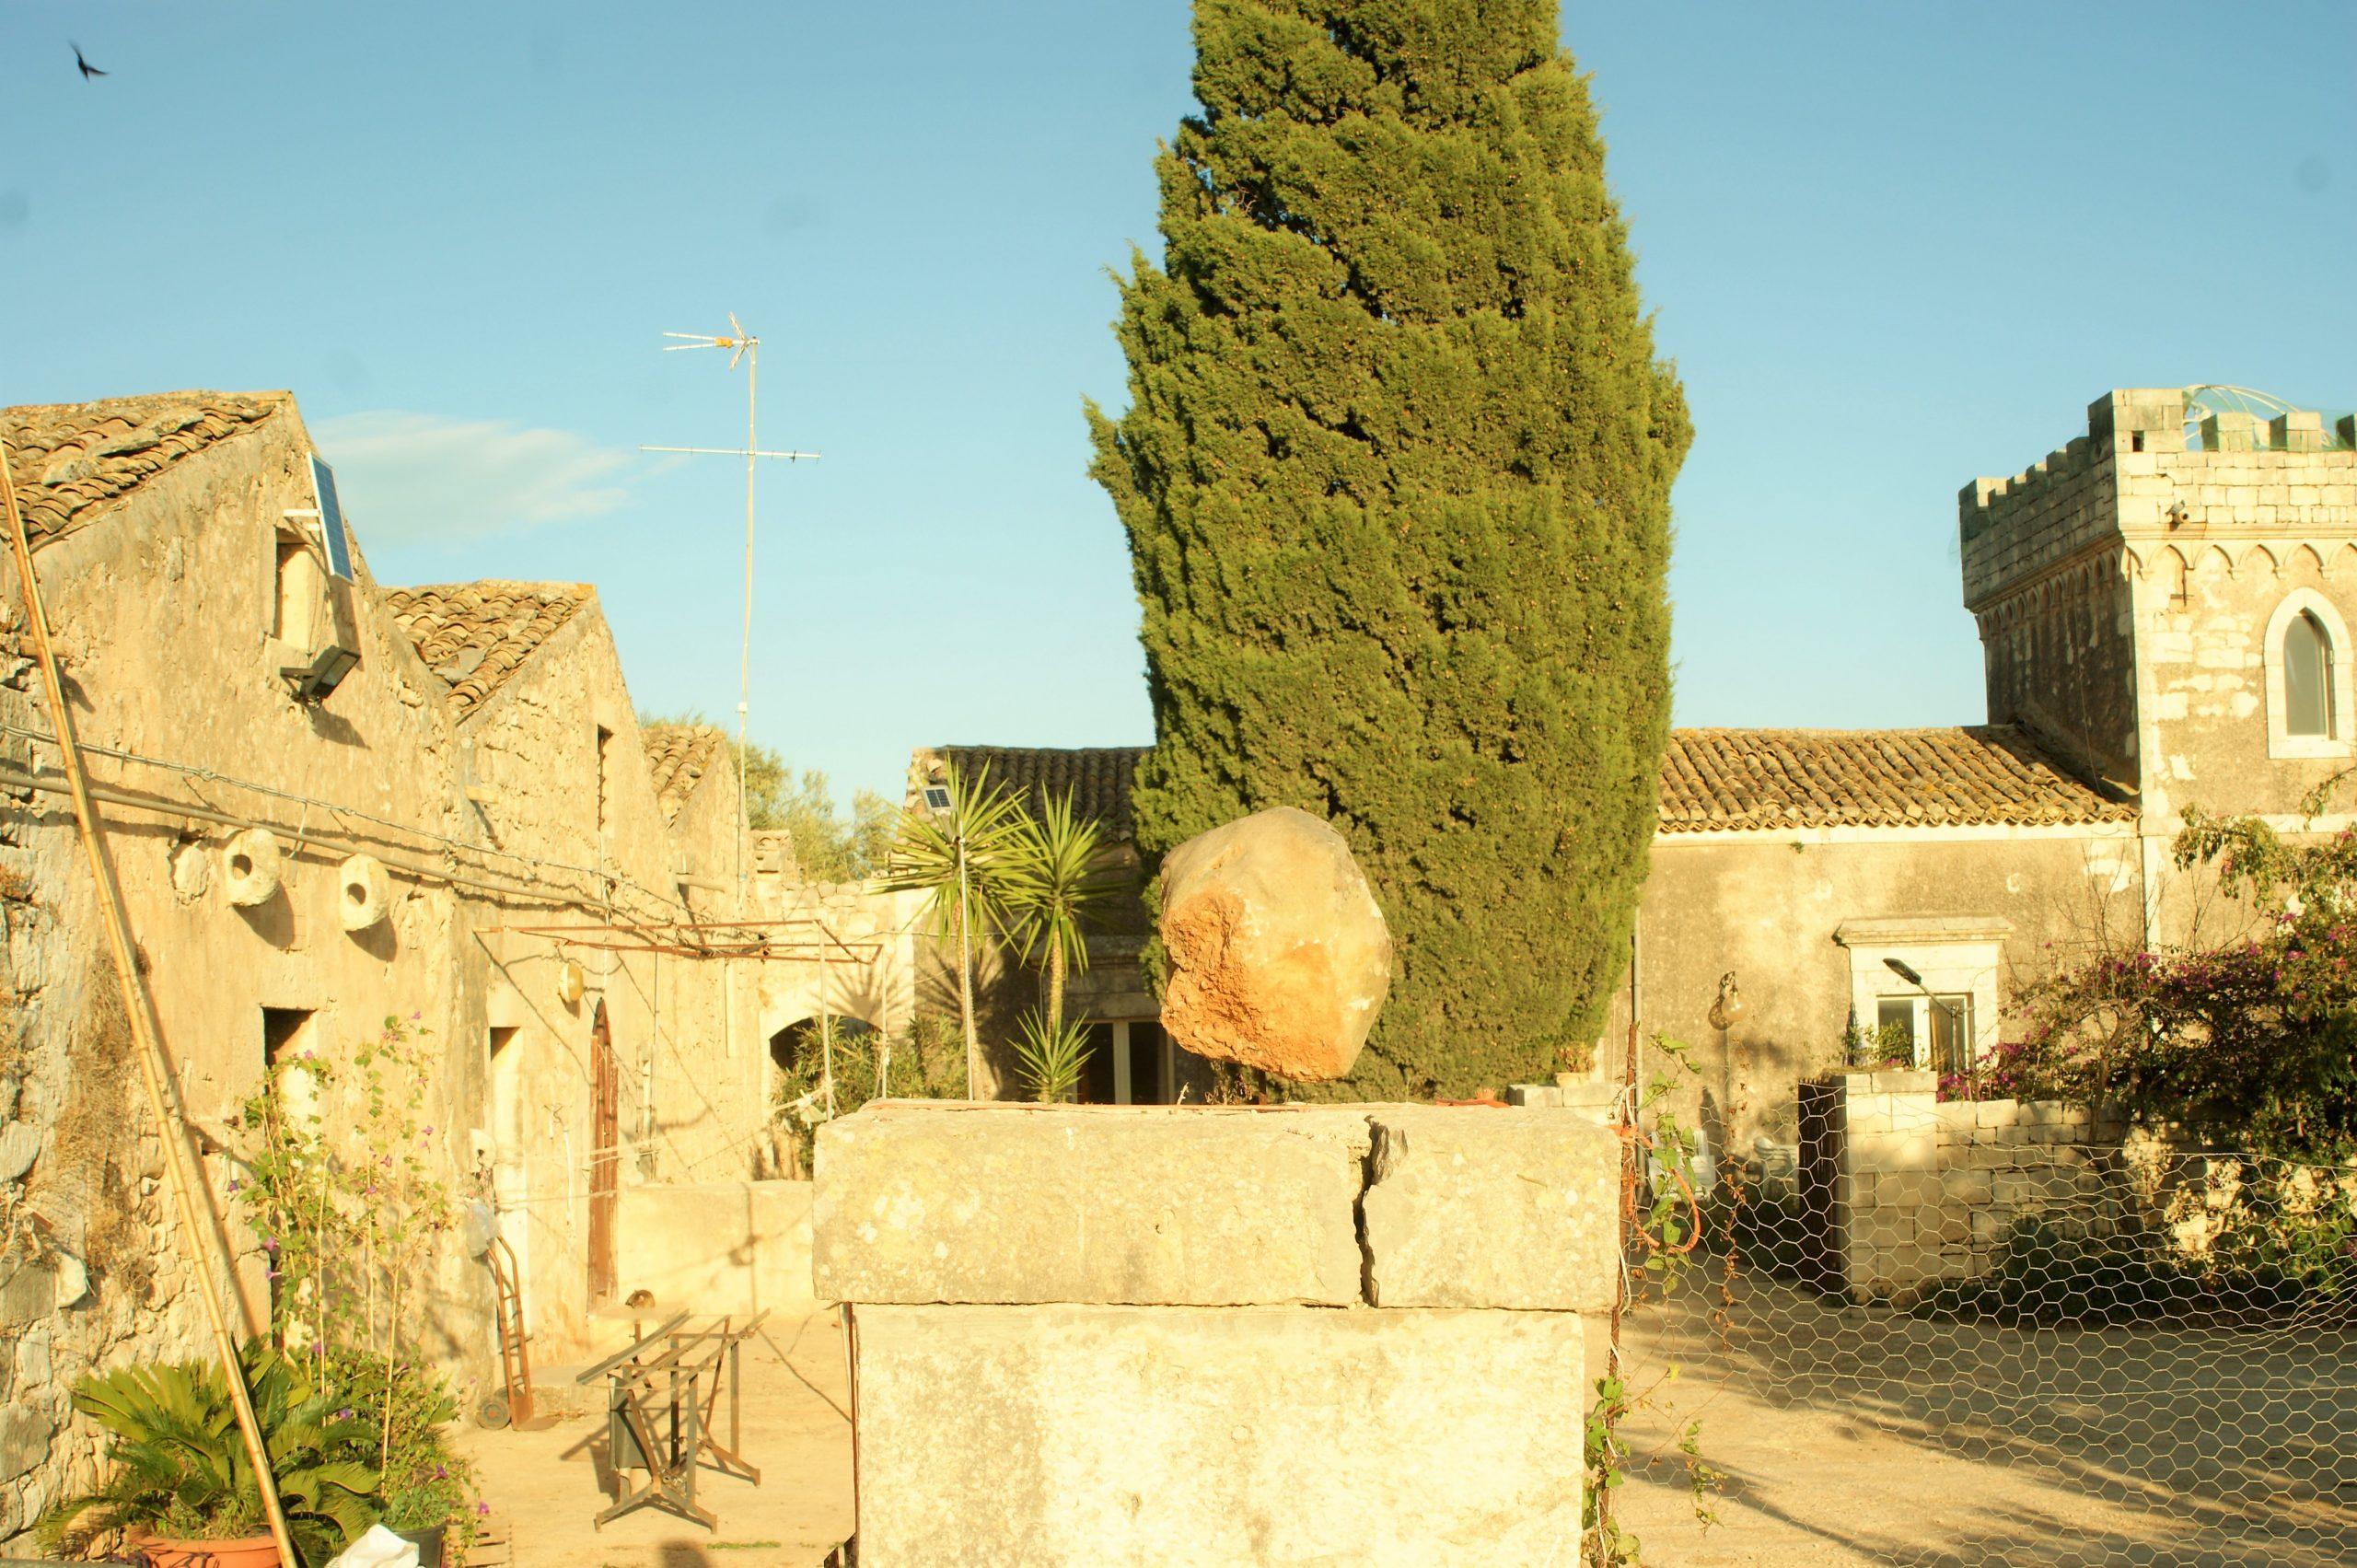 Mastro-don Gesualdo (Terre di Martorina)